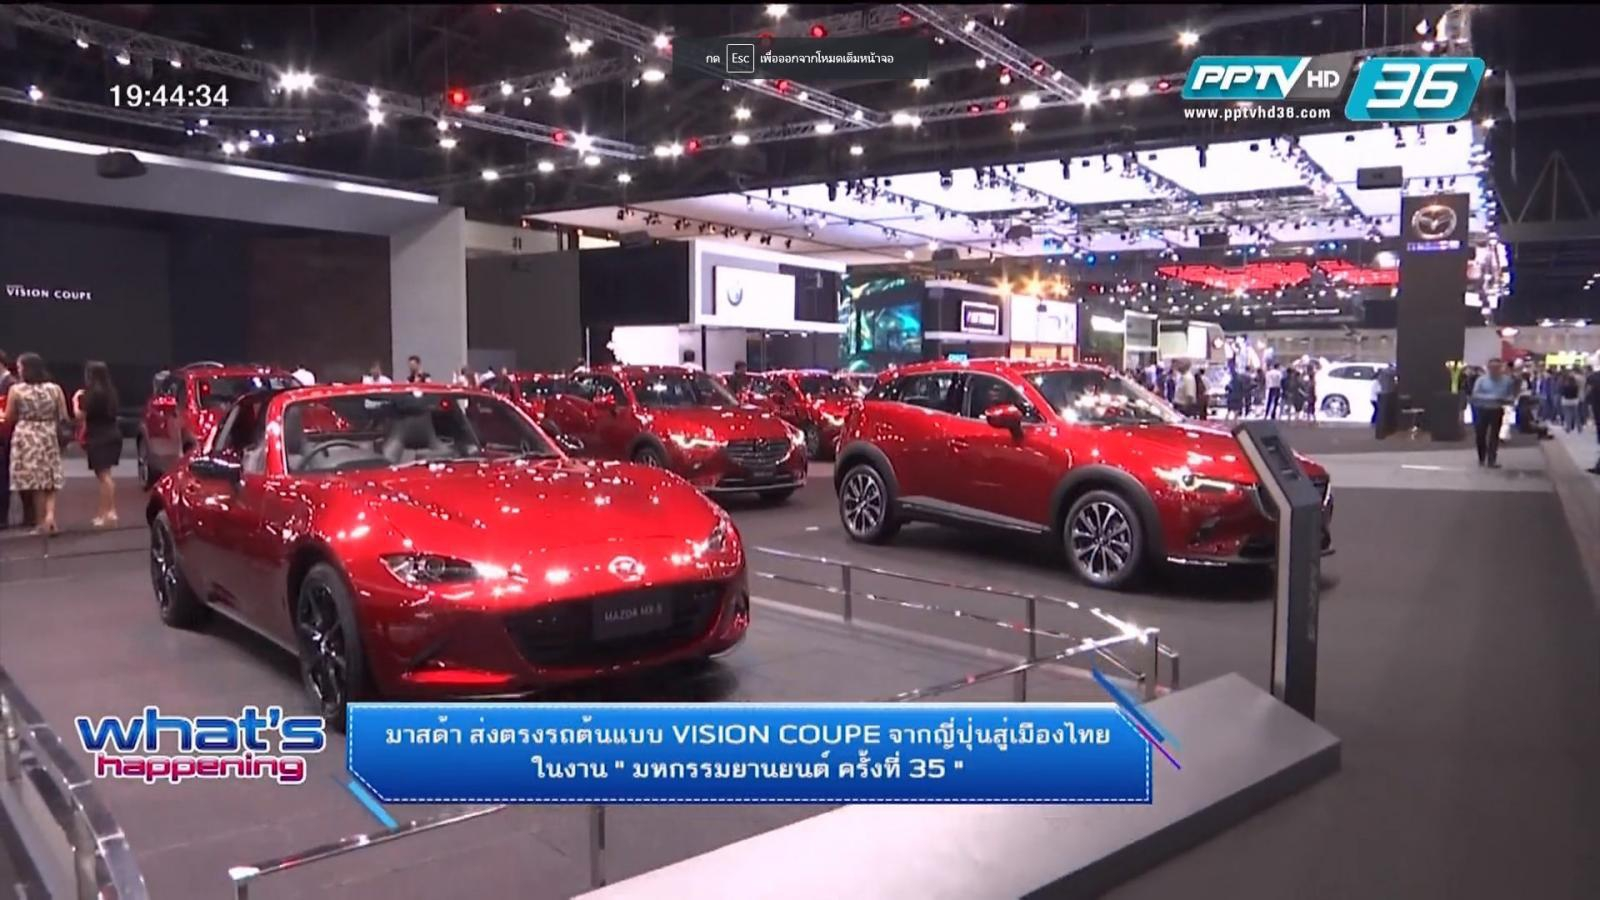 มาสด้าส่งตรงรถต้นแบบ VISION COUPE จากญี่ปุ่นสู่เมืองไทย ในงาน Motor Expo 2018